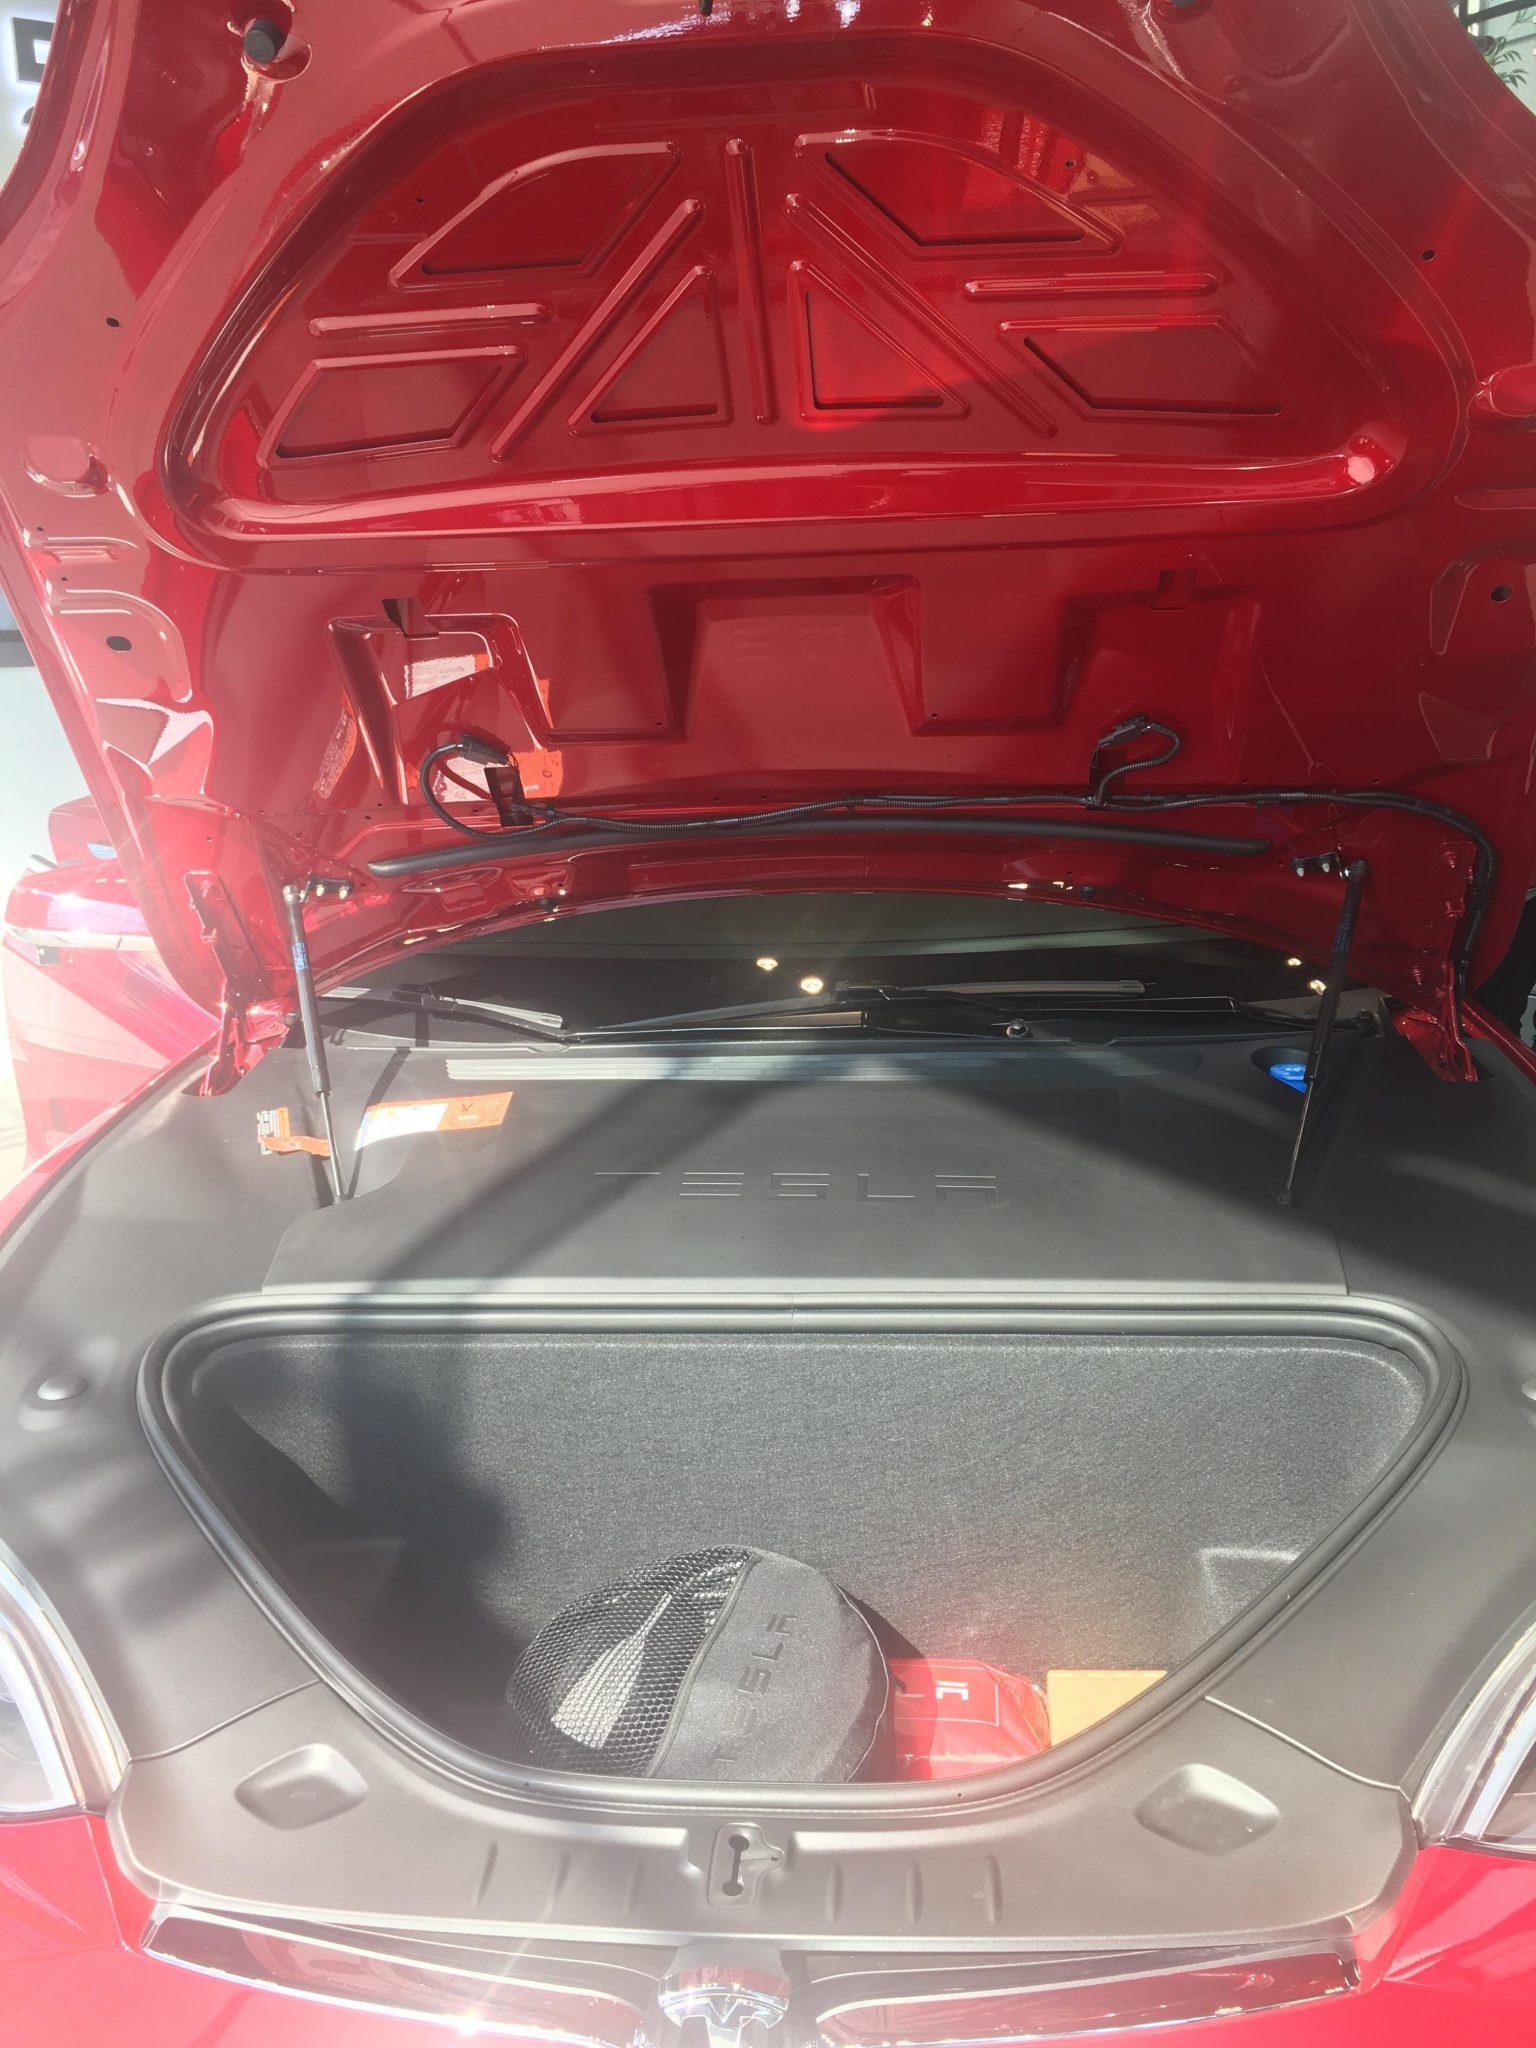 테슬라 모델 S 앞 트렁크